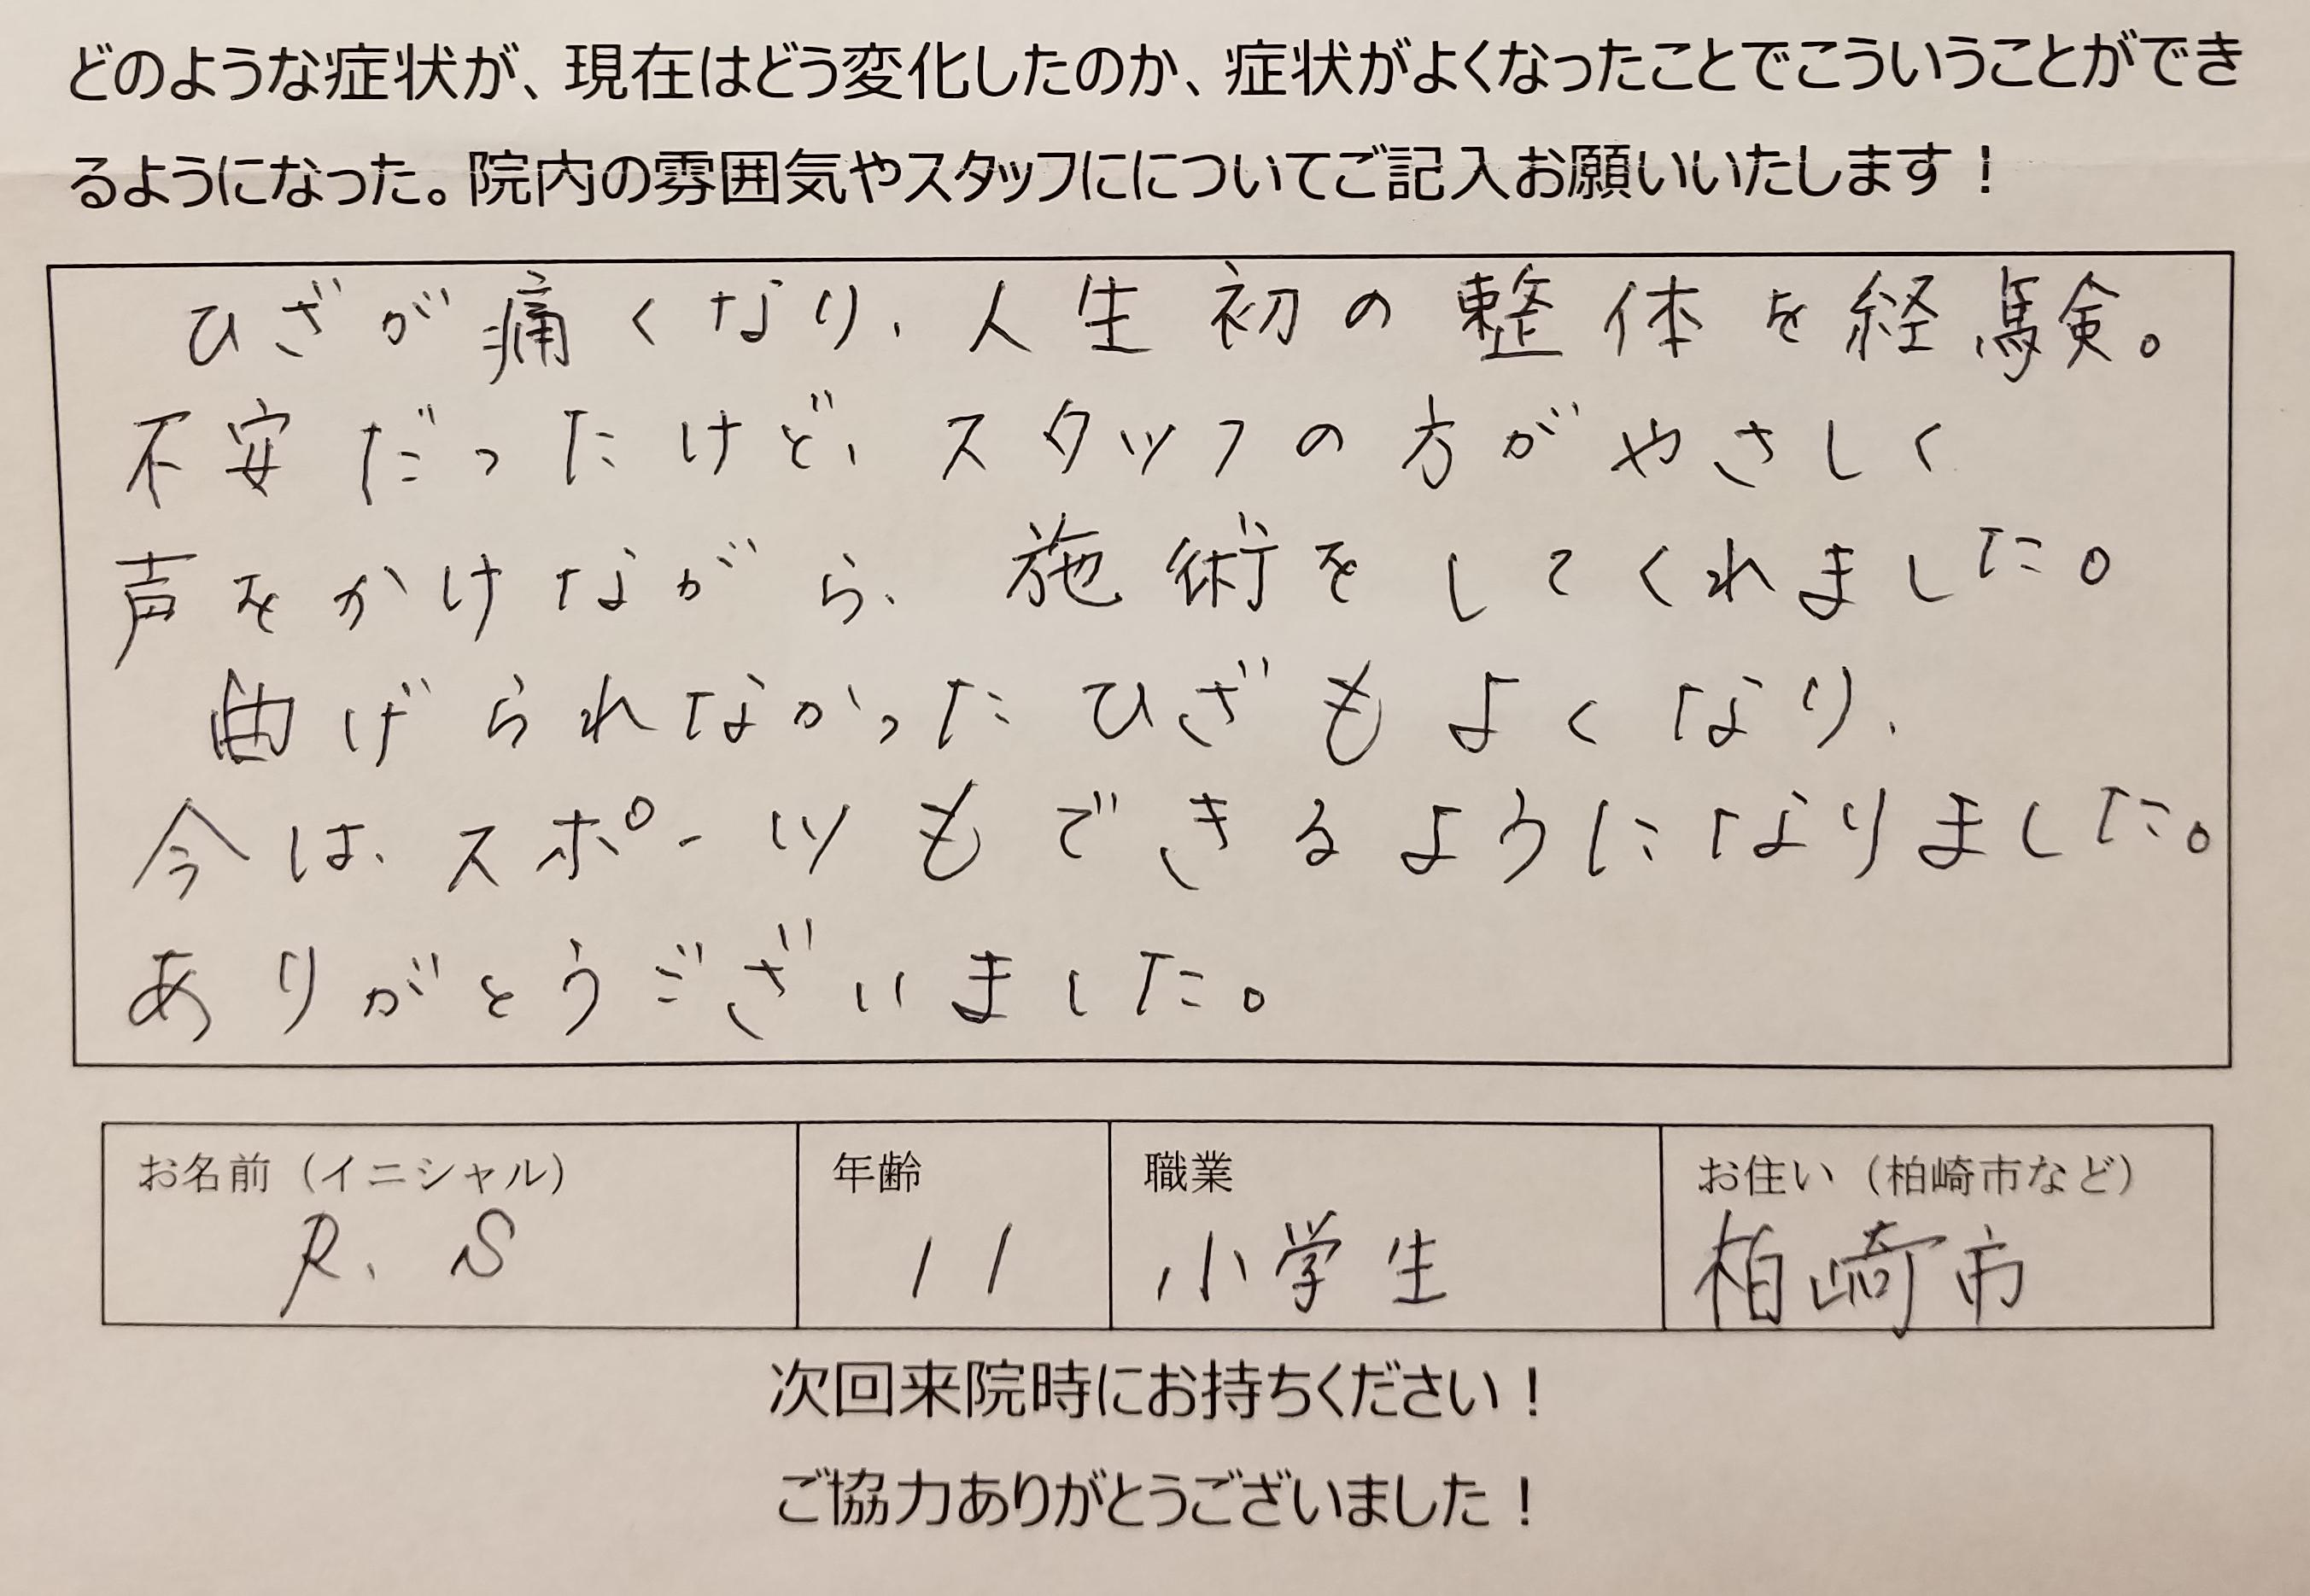 http://e-shisei.jp/images/koe%20%20satou%20raizi.jpg